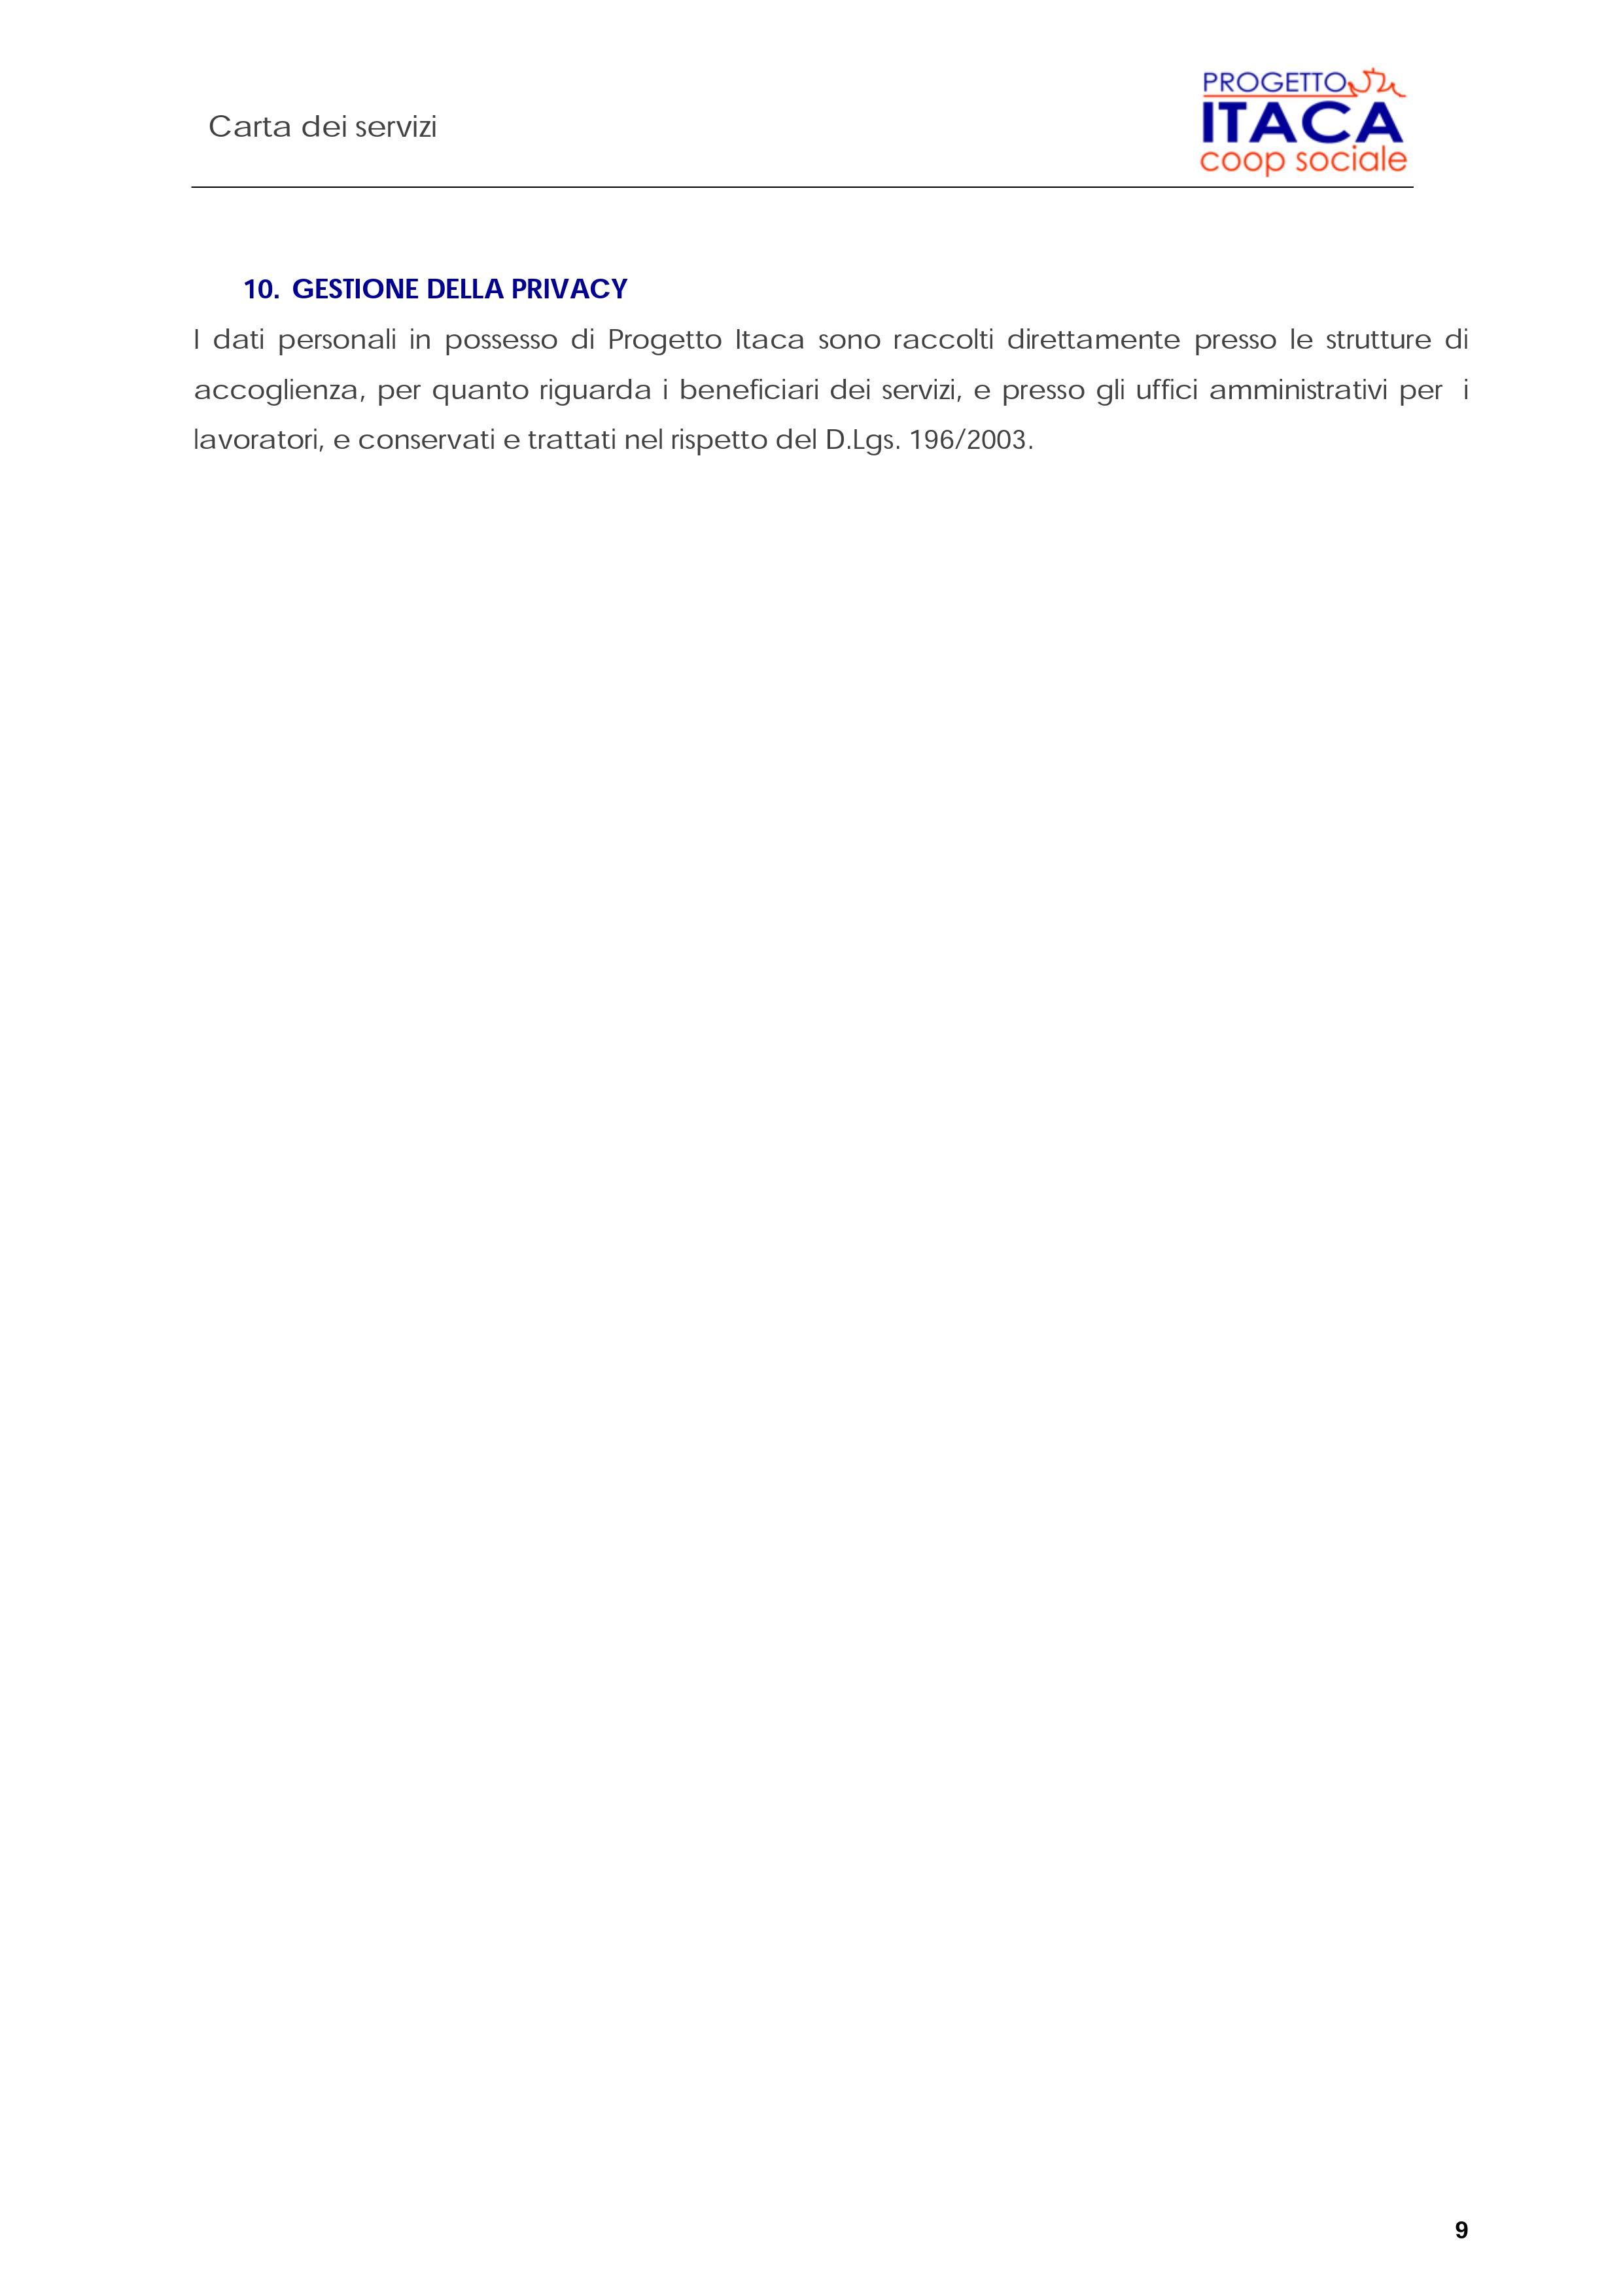 Carta dei Servizi pag. 10